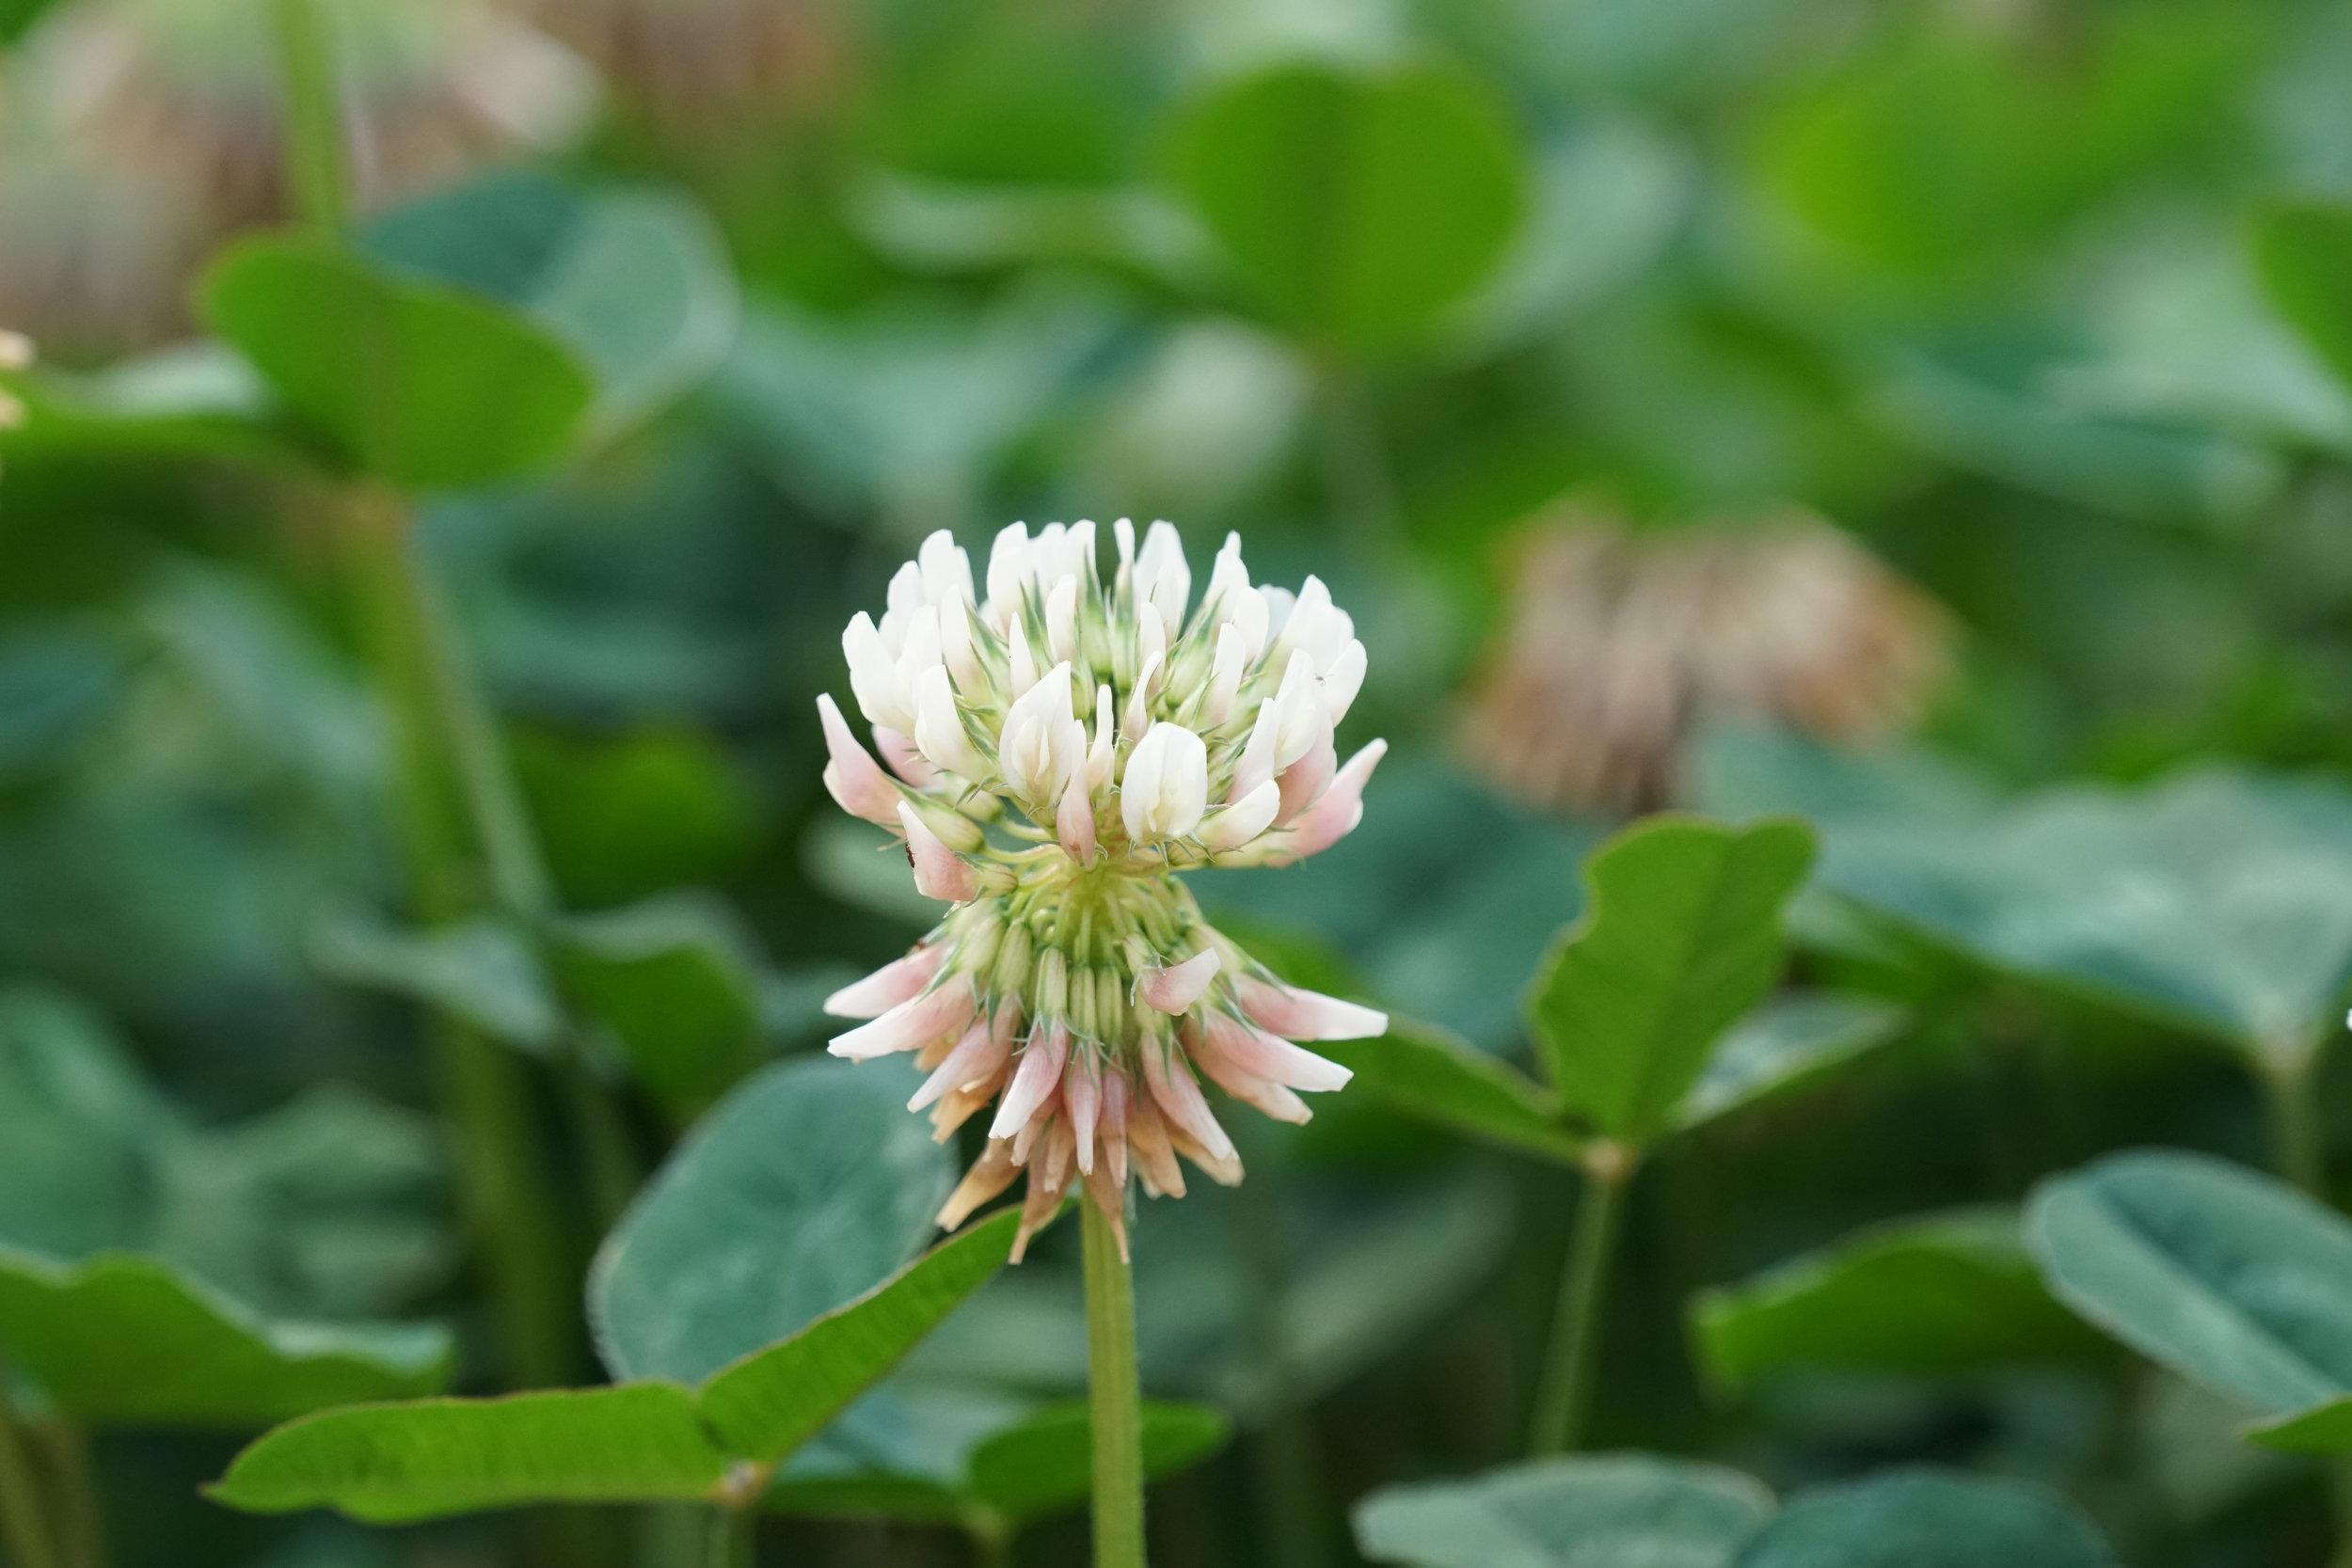 Ladino clover